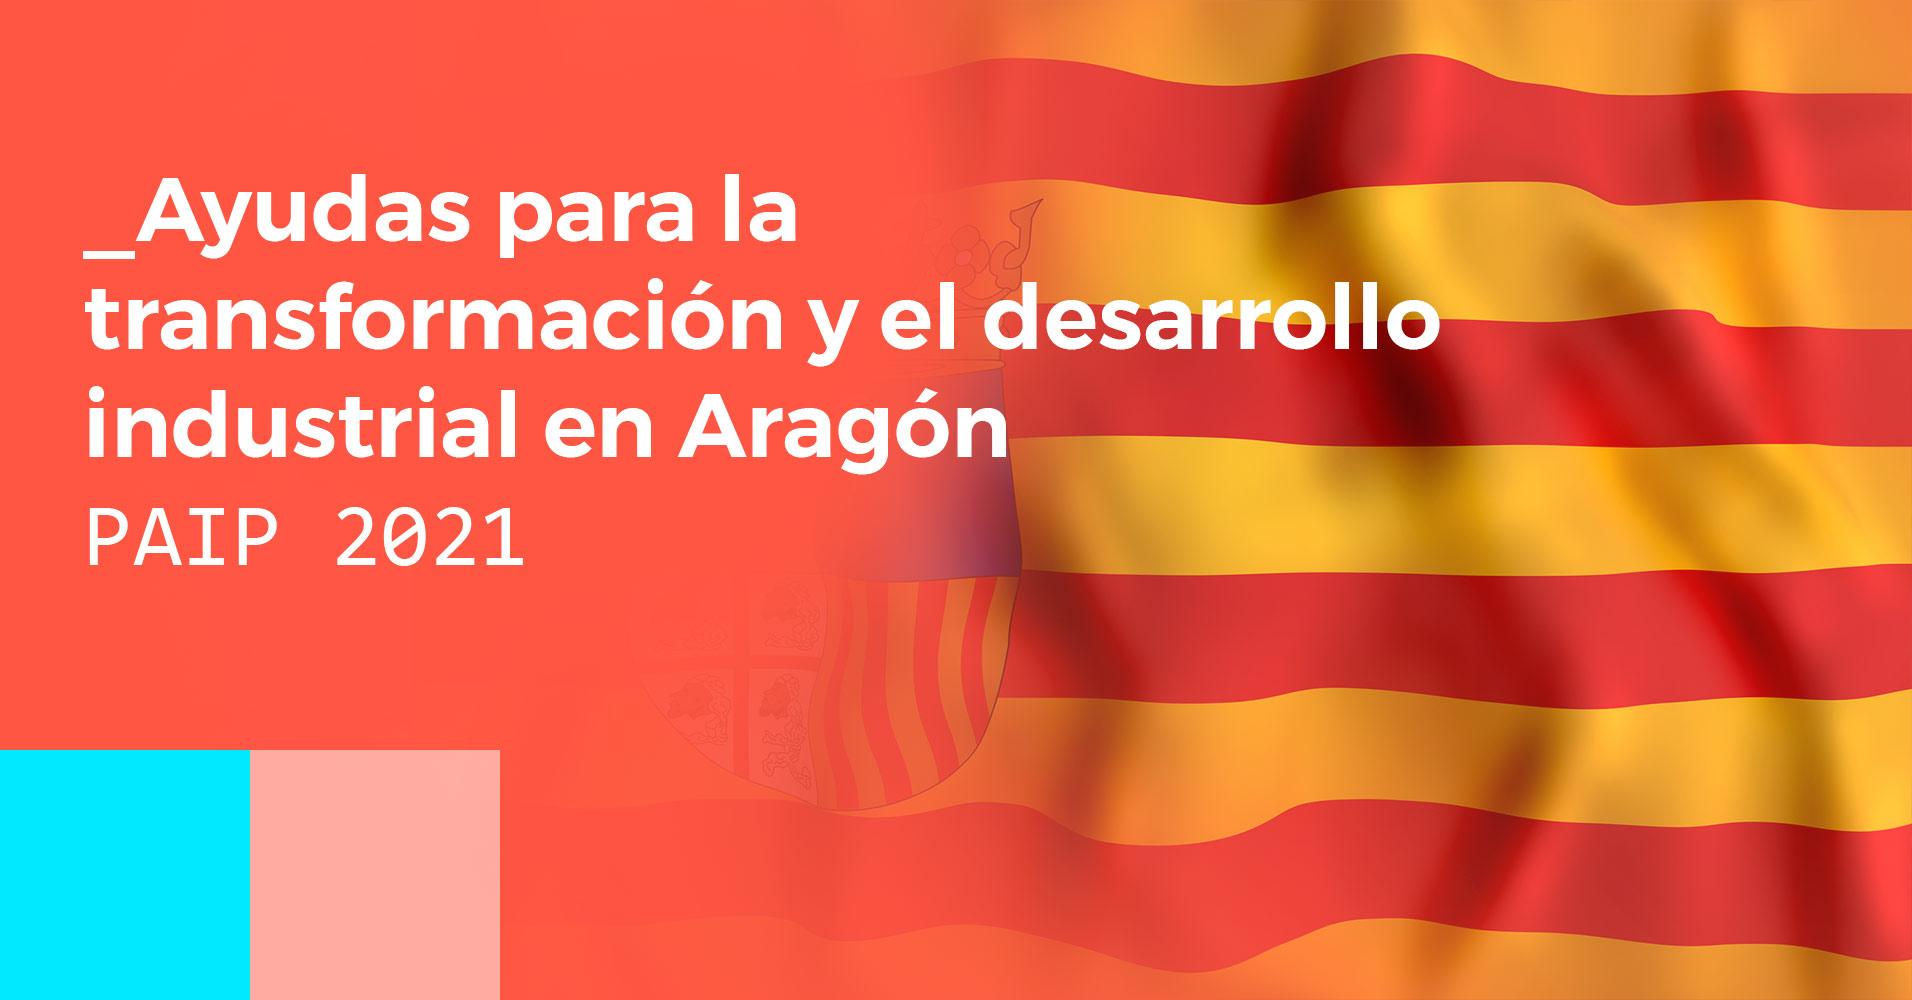 Ayudas para la transformación de las empresas en Aragón